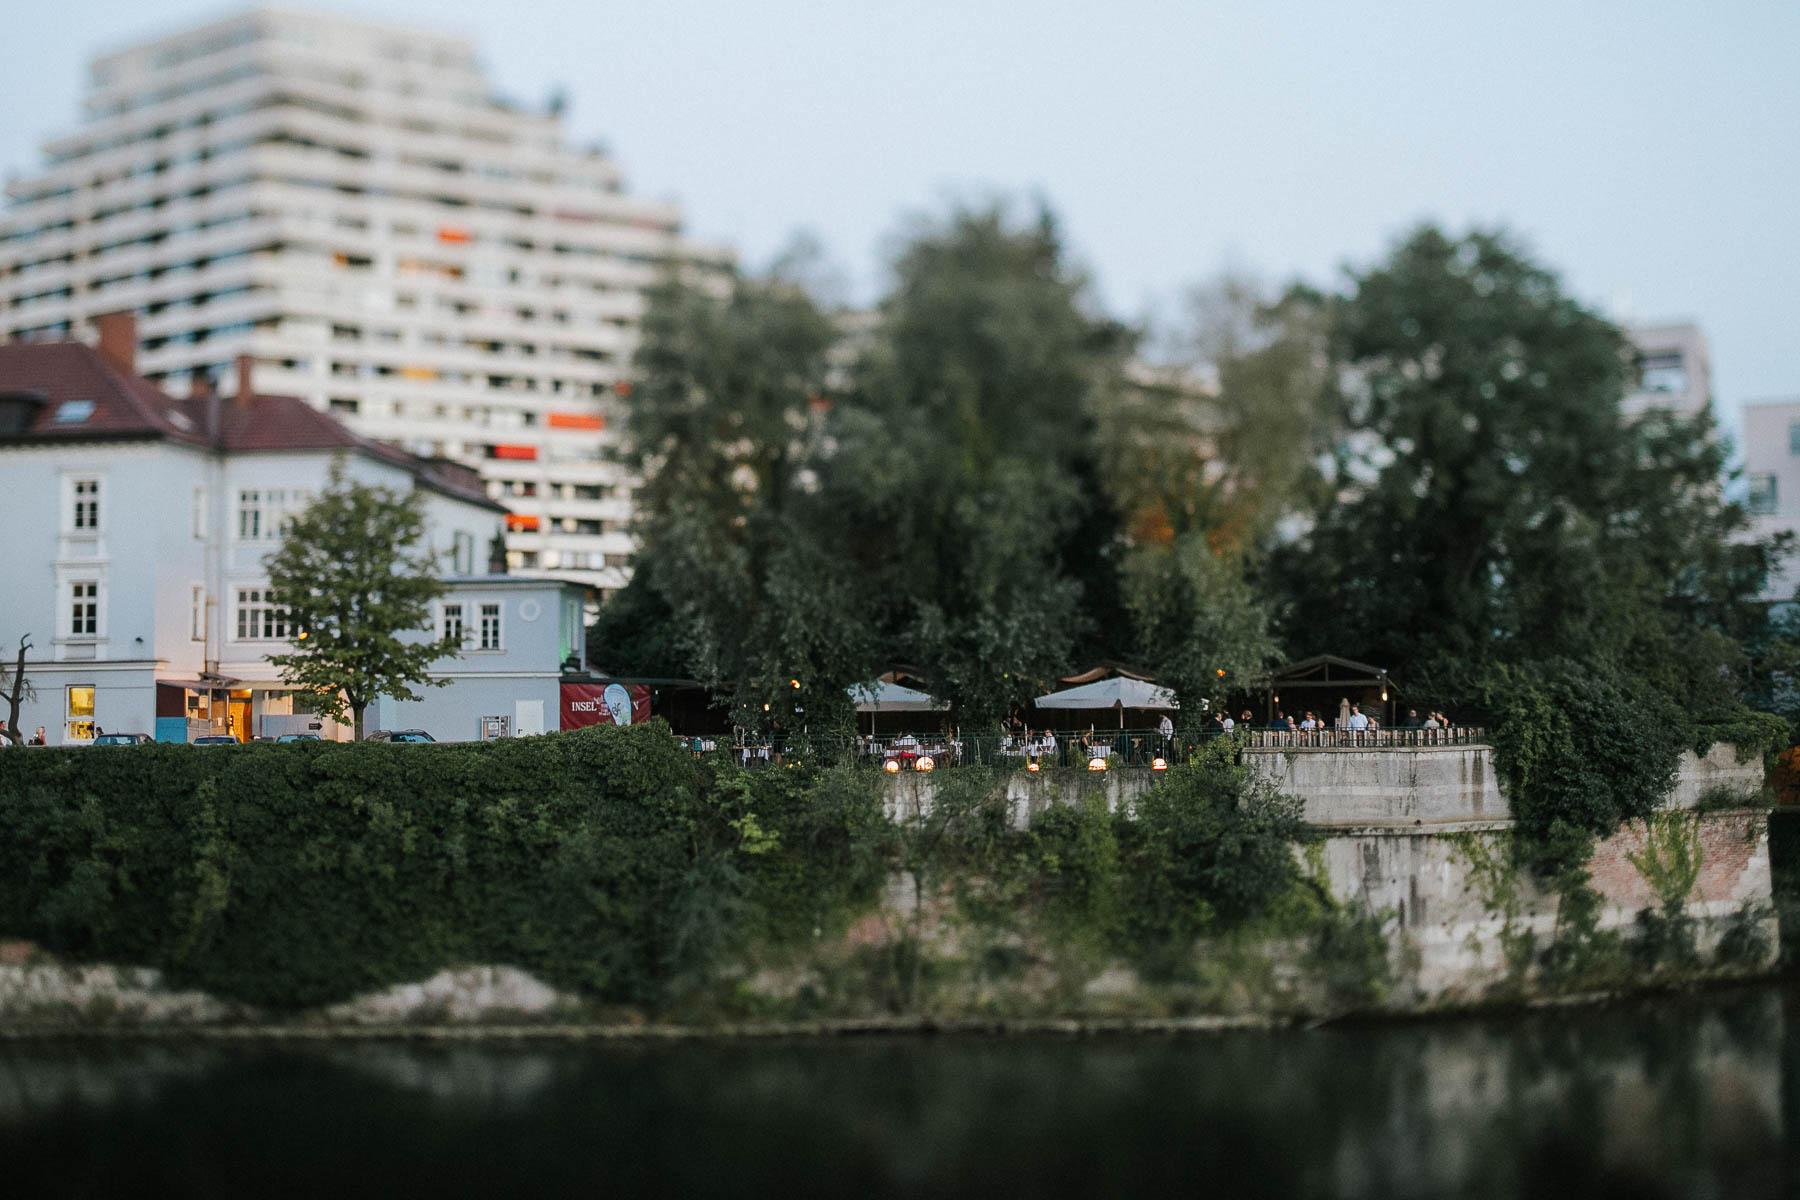 Insel von Stein ein kleine Hochzeitslocation wie das Lago in Ulm. Hier war ich als Hochzeitsfotograf unterwegs und durfte im Standesamt fotografieren